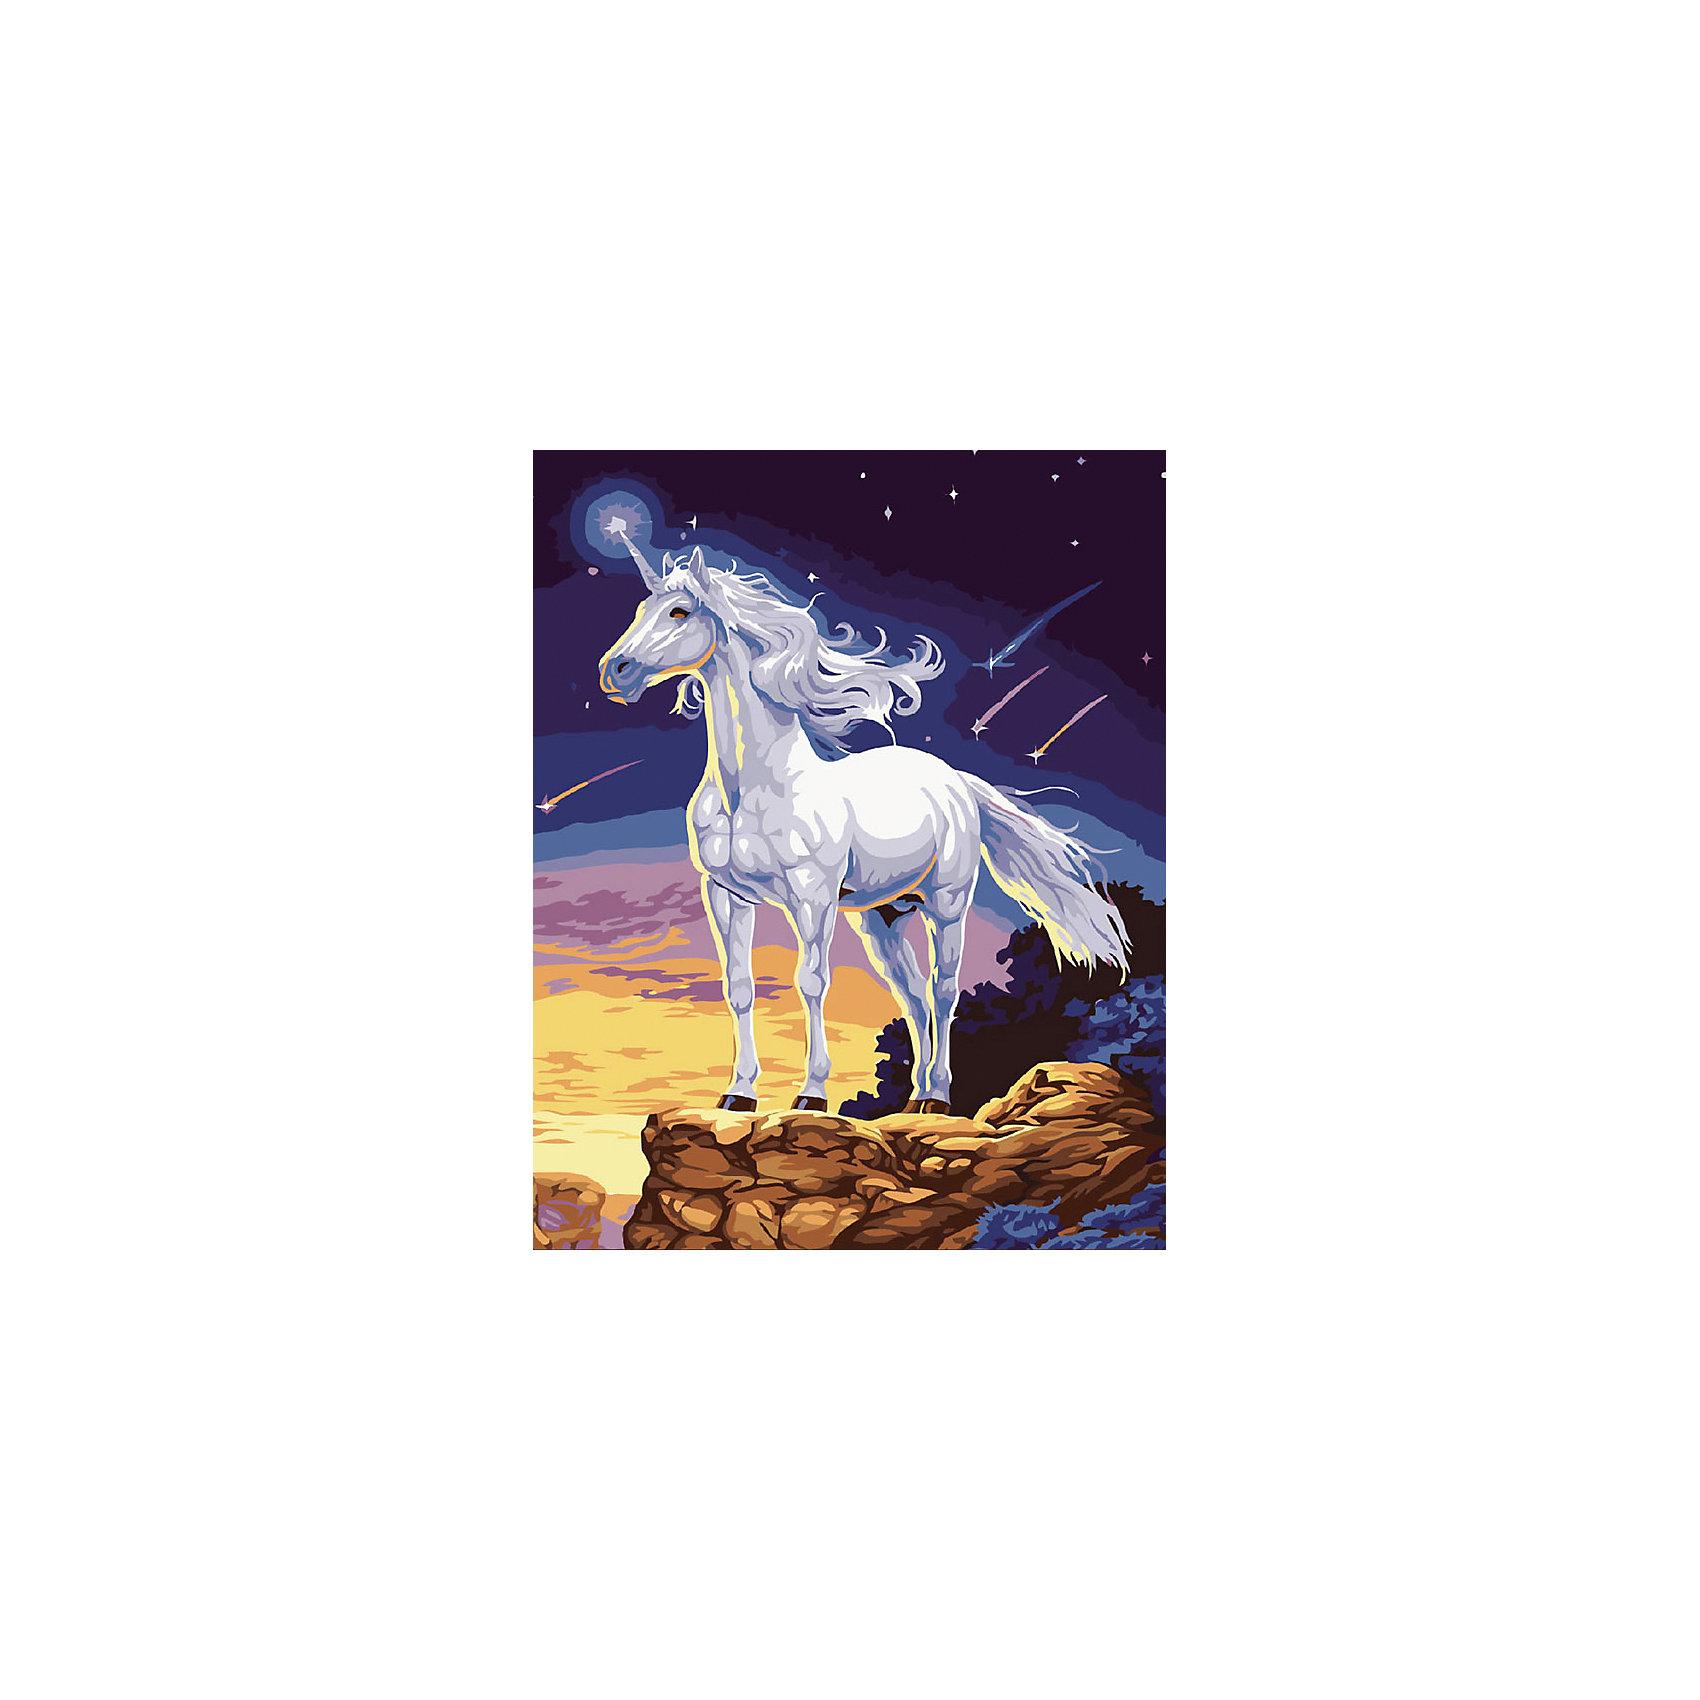 Живопись на холсте 40*50 см На краю мираХарактеристики товара:<br><br>• цвет: разноцветный<br>• материал: акрил, картон<br>• размер: 50 x 40 см<br>• комплектация: полотно на подрамнике с контурами рисунка, пробный лист с рисунком, набор акриловых красок, три кисти, крепление на стену для картины<br>• для детей от шести лет и взрослых<br>• не требует специальных навыков<br>• страна бренда: Китай<br>• страна изготовитель: Китай<br><br>Такой набор станет отличным подарком и для взрослого, и для ребенка! Рисование помогает развить различные навыки и просто приносит удовольствие! Чтобы вселить в ребенка уверенность в своих силах, можно предложить ему этот набор - в нем уже есть сюжет, контуры рисунка и участки с номерами, которые обозначают определенную краску из набора. Все оттенки уже готовы, задача художника - аккуратно, с помощью кисточек из набора, нанести краски на определенный участок полотна.<br>Взрослым также понравится этот процесс, рисовать можно и вместе с малышом! В итоге получается красивая картина, которой можно украсить интерьер. Рисование способствует развитию мелкой моторики, воображения, цветовосприятия, творческих способностей и усидчивости. Набор отлично проработан, сделан из качественных и проверенных материалов, которые безопасны для детей. Краски - акриловые, они быстро сохнут и легко смываются с кожи.<br><br>Живопись на холсте 40*50 см На краю мира от торговой марки Белоснежка можно купить в нашем интернет-магазине.<br><br>Ширина мм: 510<br>Глубина мм: 410<br>Высота мм: 25<br>Вес г: 850<br>Возраст от месяцев: 72<br>Возраст до месяцев: 144<br>Пол: Унисекс<br>Возраст: Детский<br>SKU: 5089743